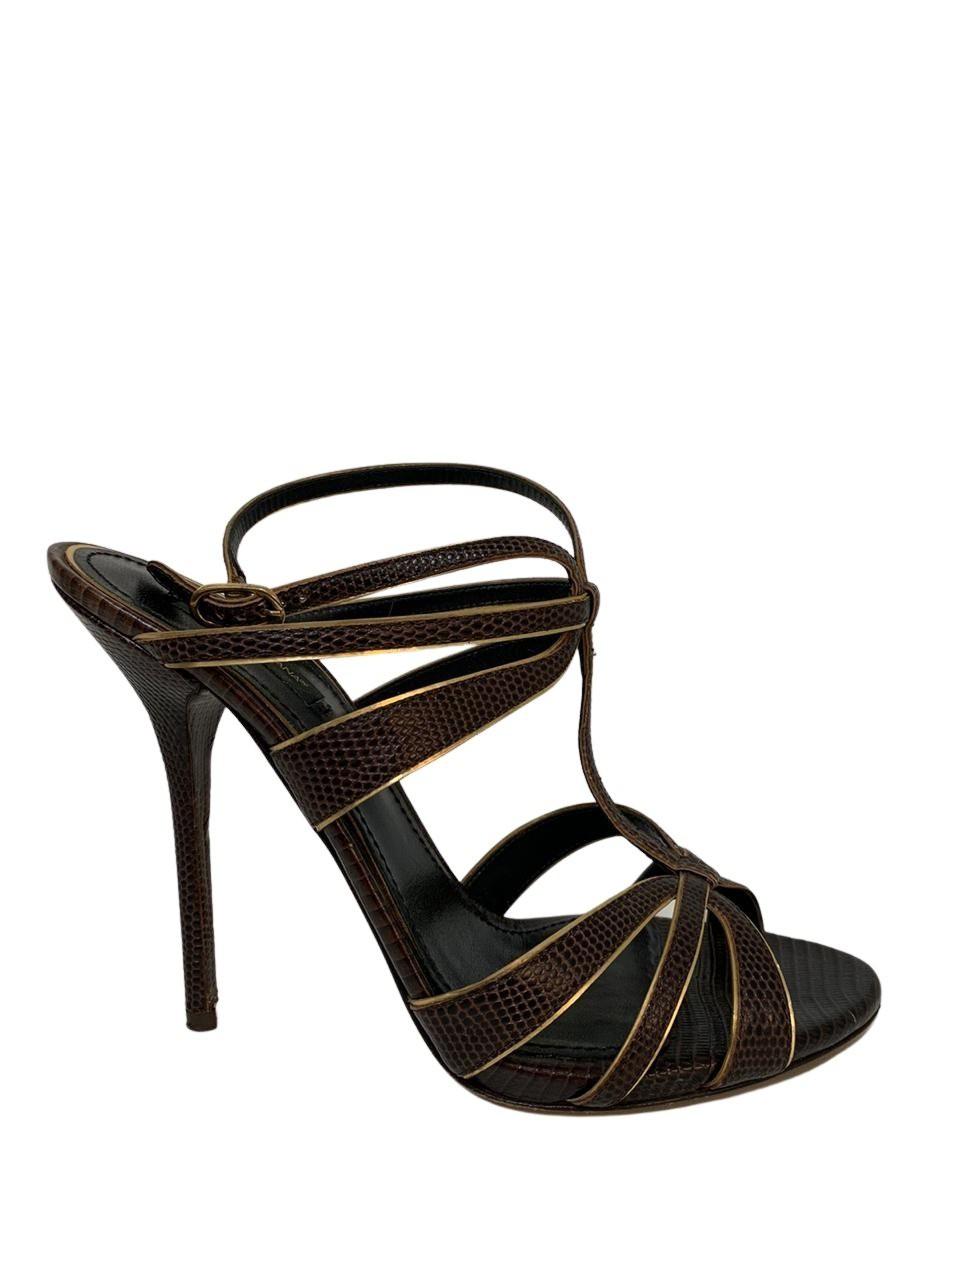 Sandália Dolce & Gabbana Marrom Croco